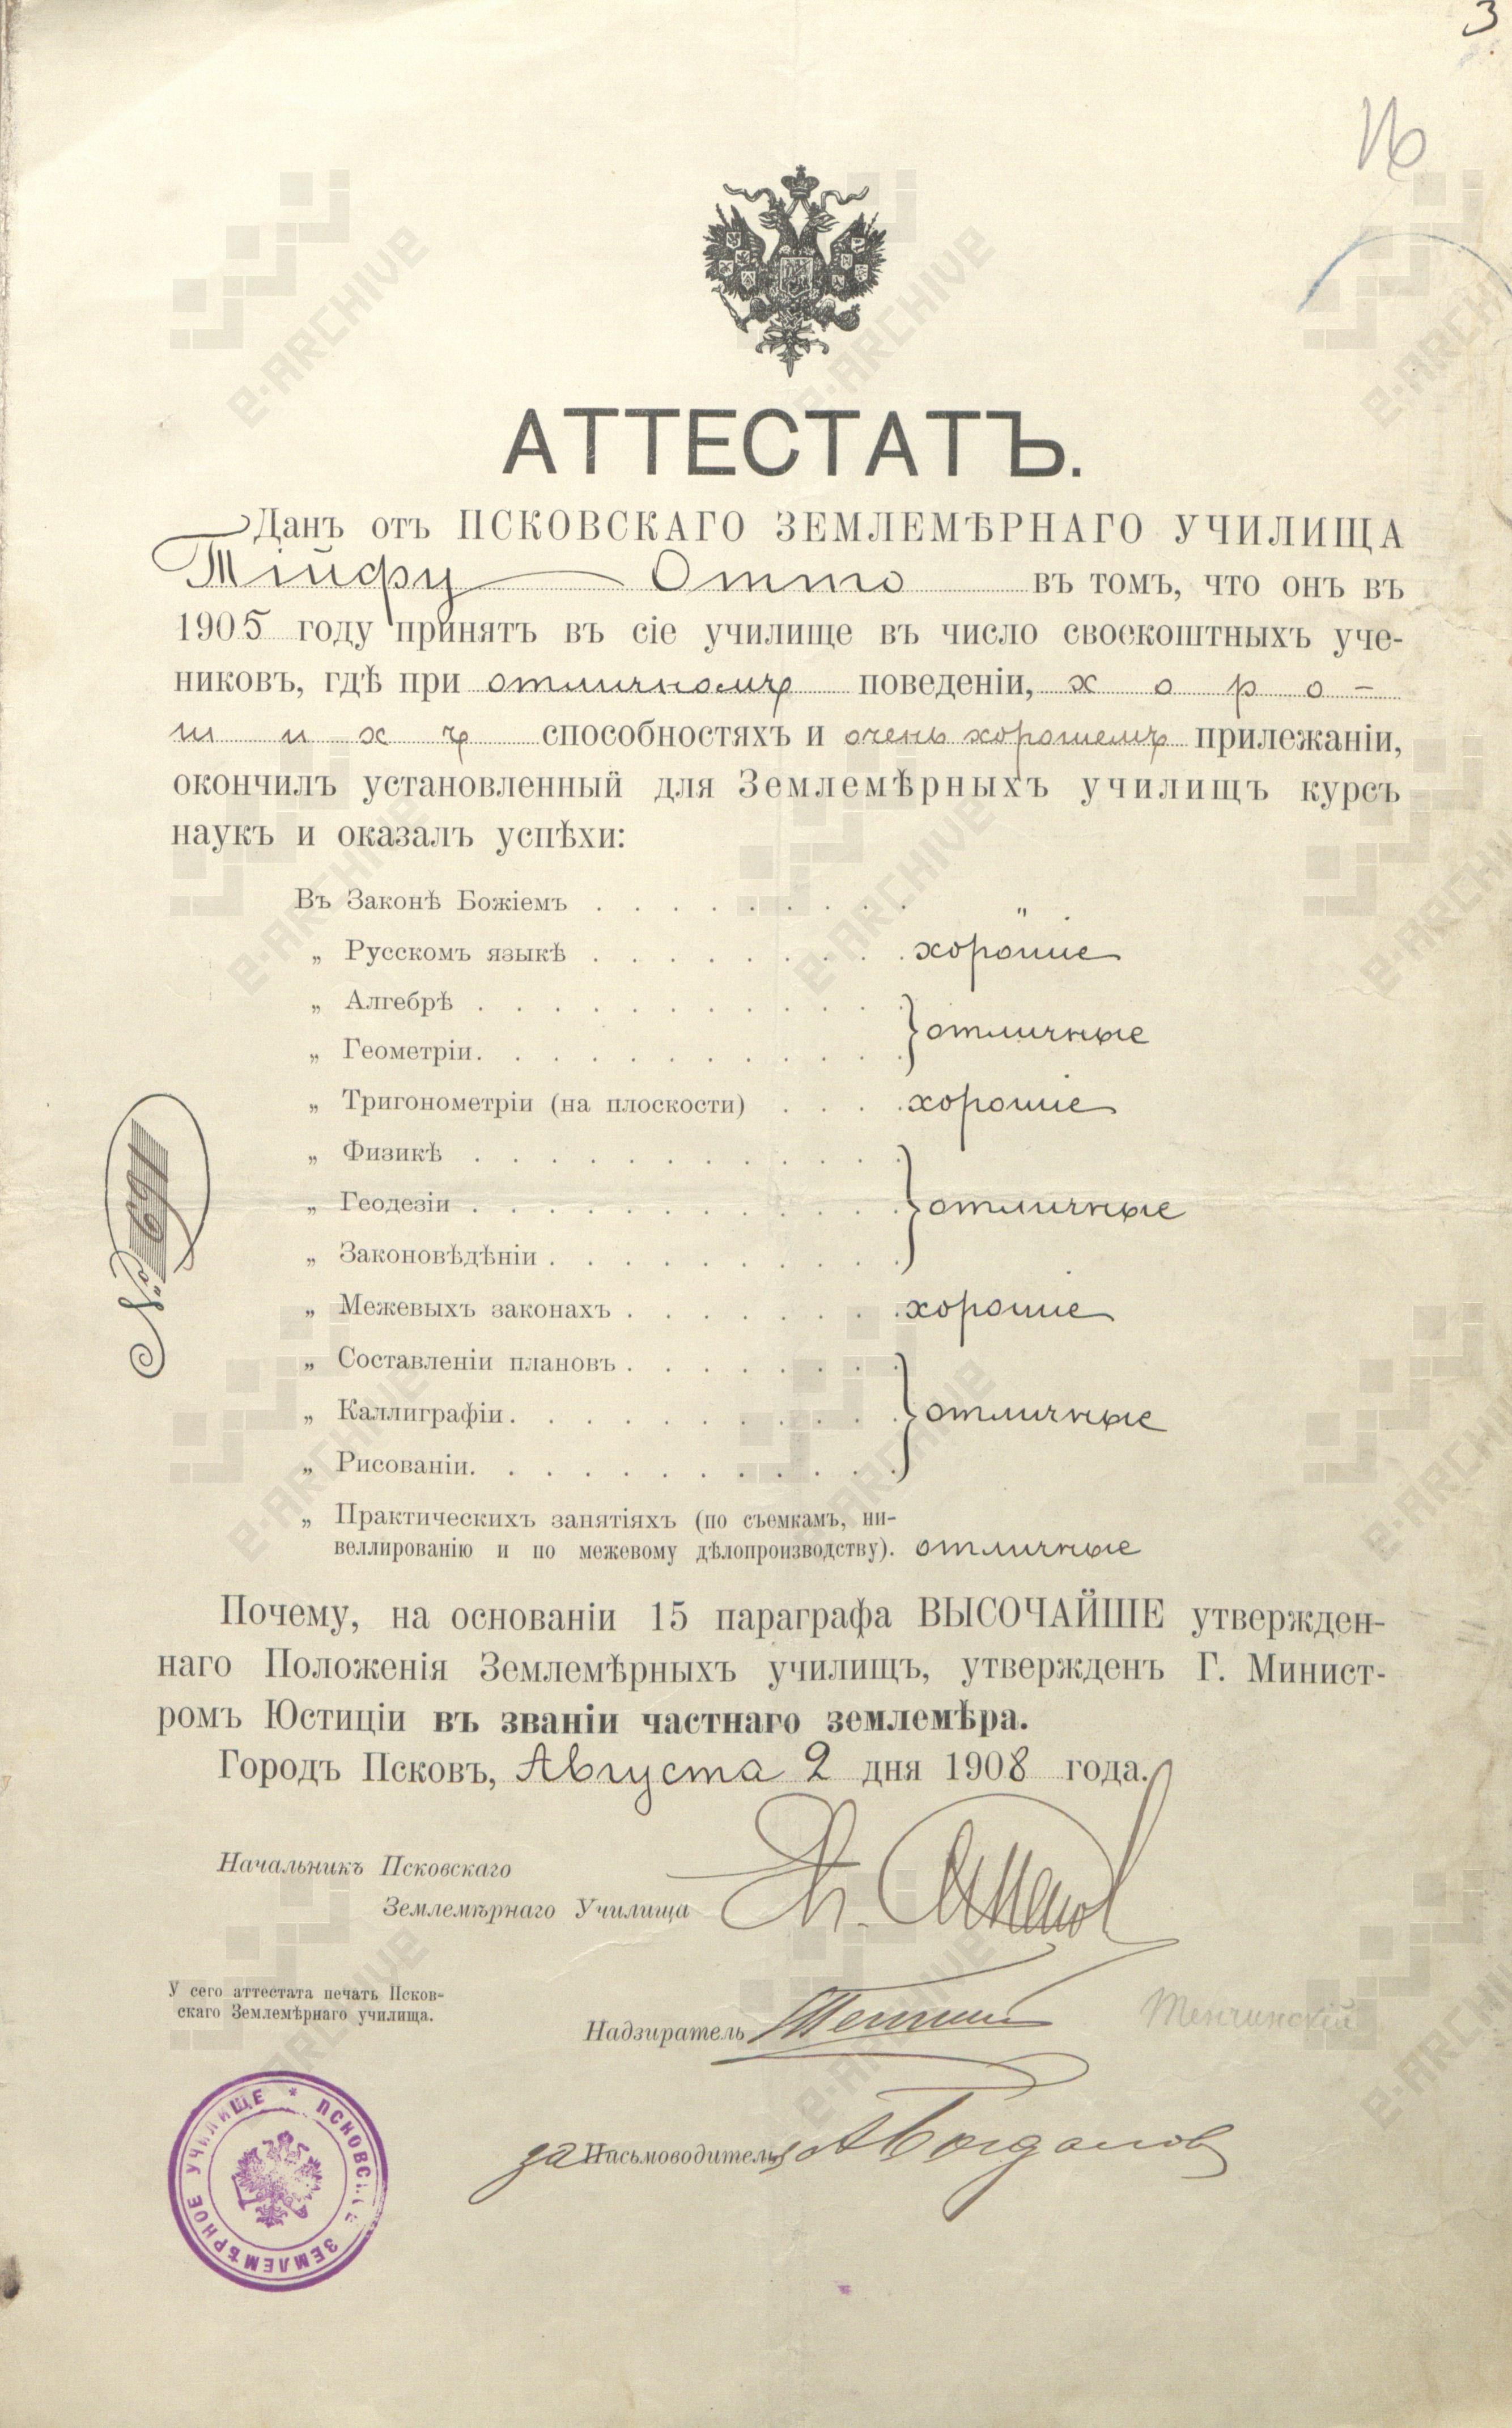 Otto Tiefi tunnistus Pihkva maamõõdukoolist 2. augustist 1908. TsGIASpb.262.63.333 l. 16